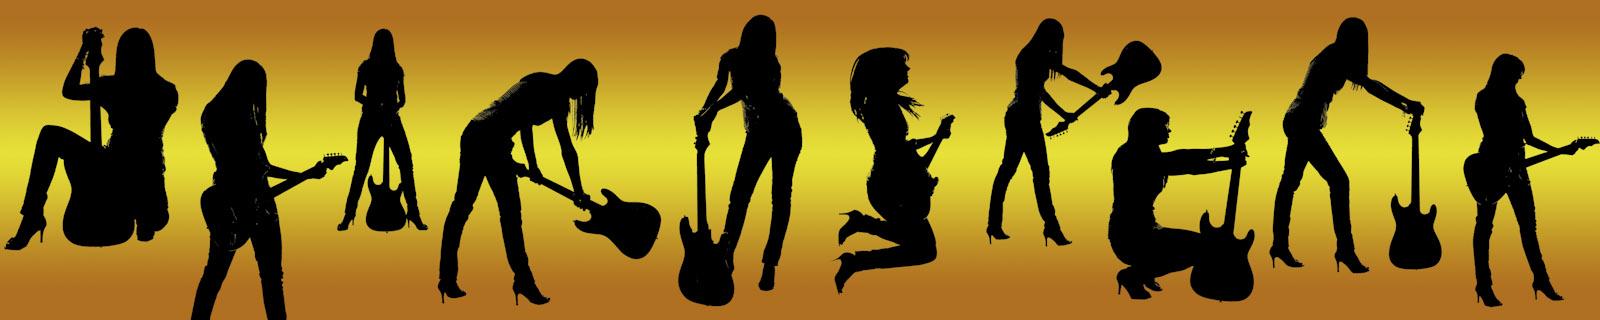 Noch mal Guitar-Heroes aber diesmal in Farbe 1